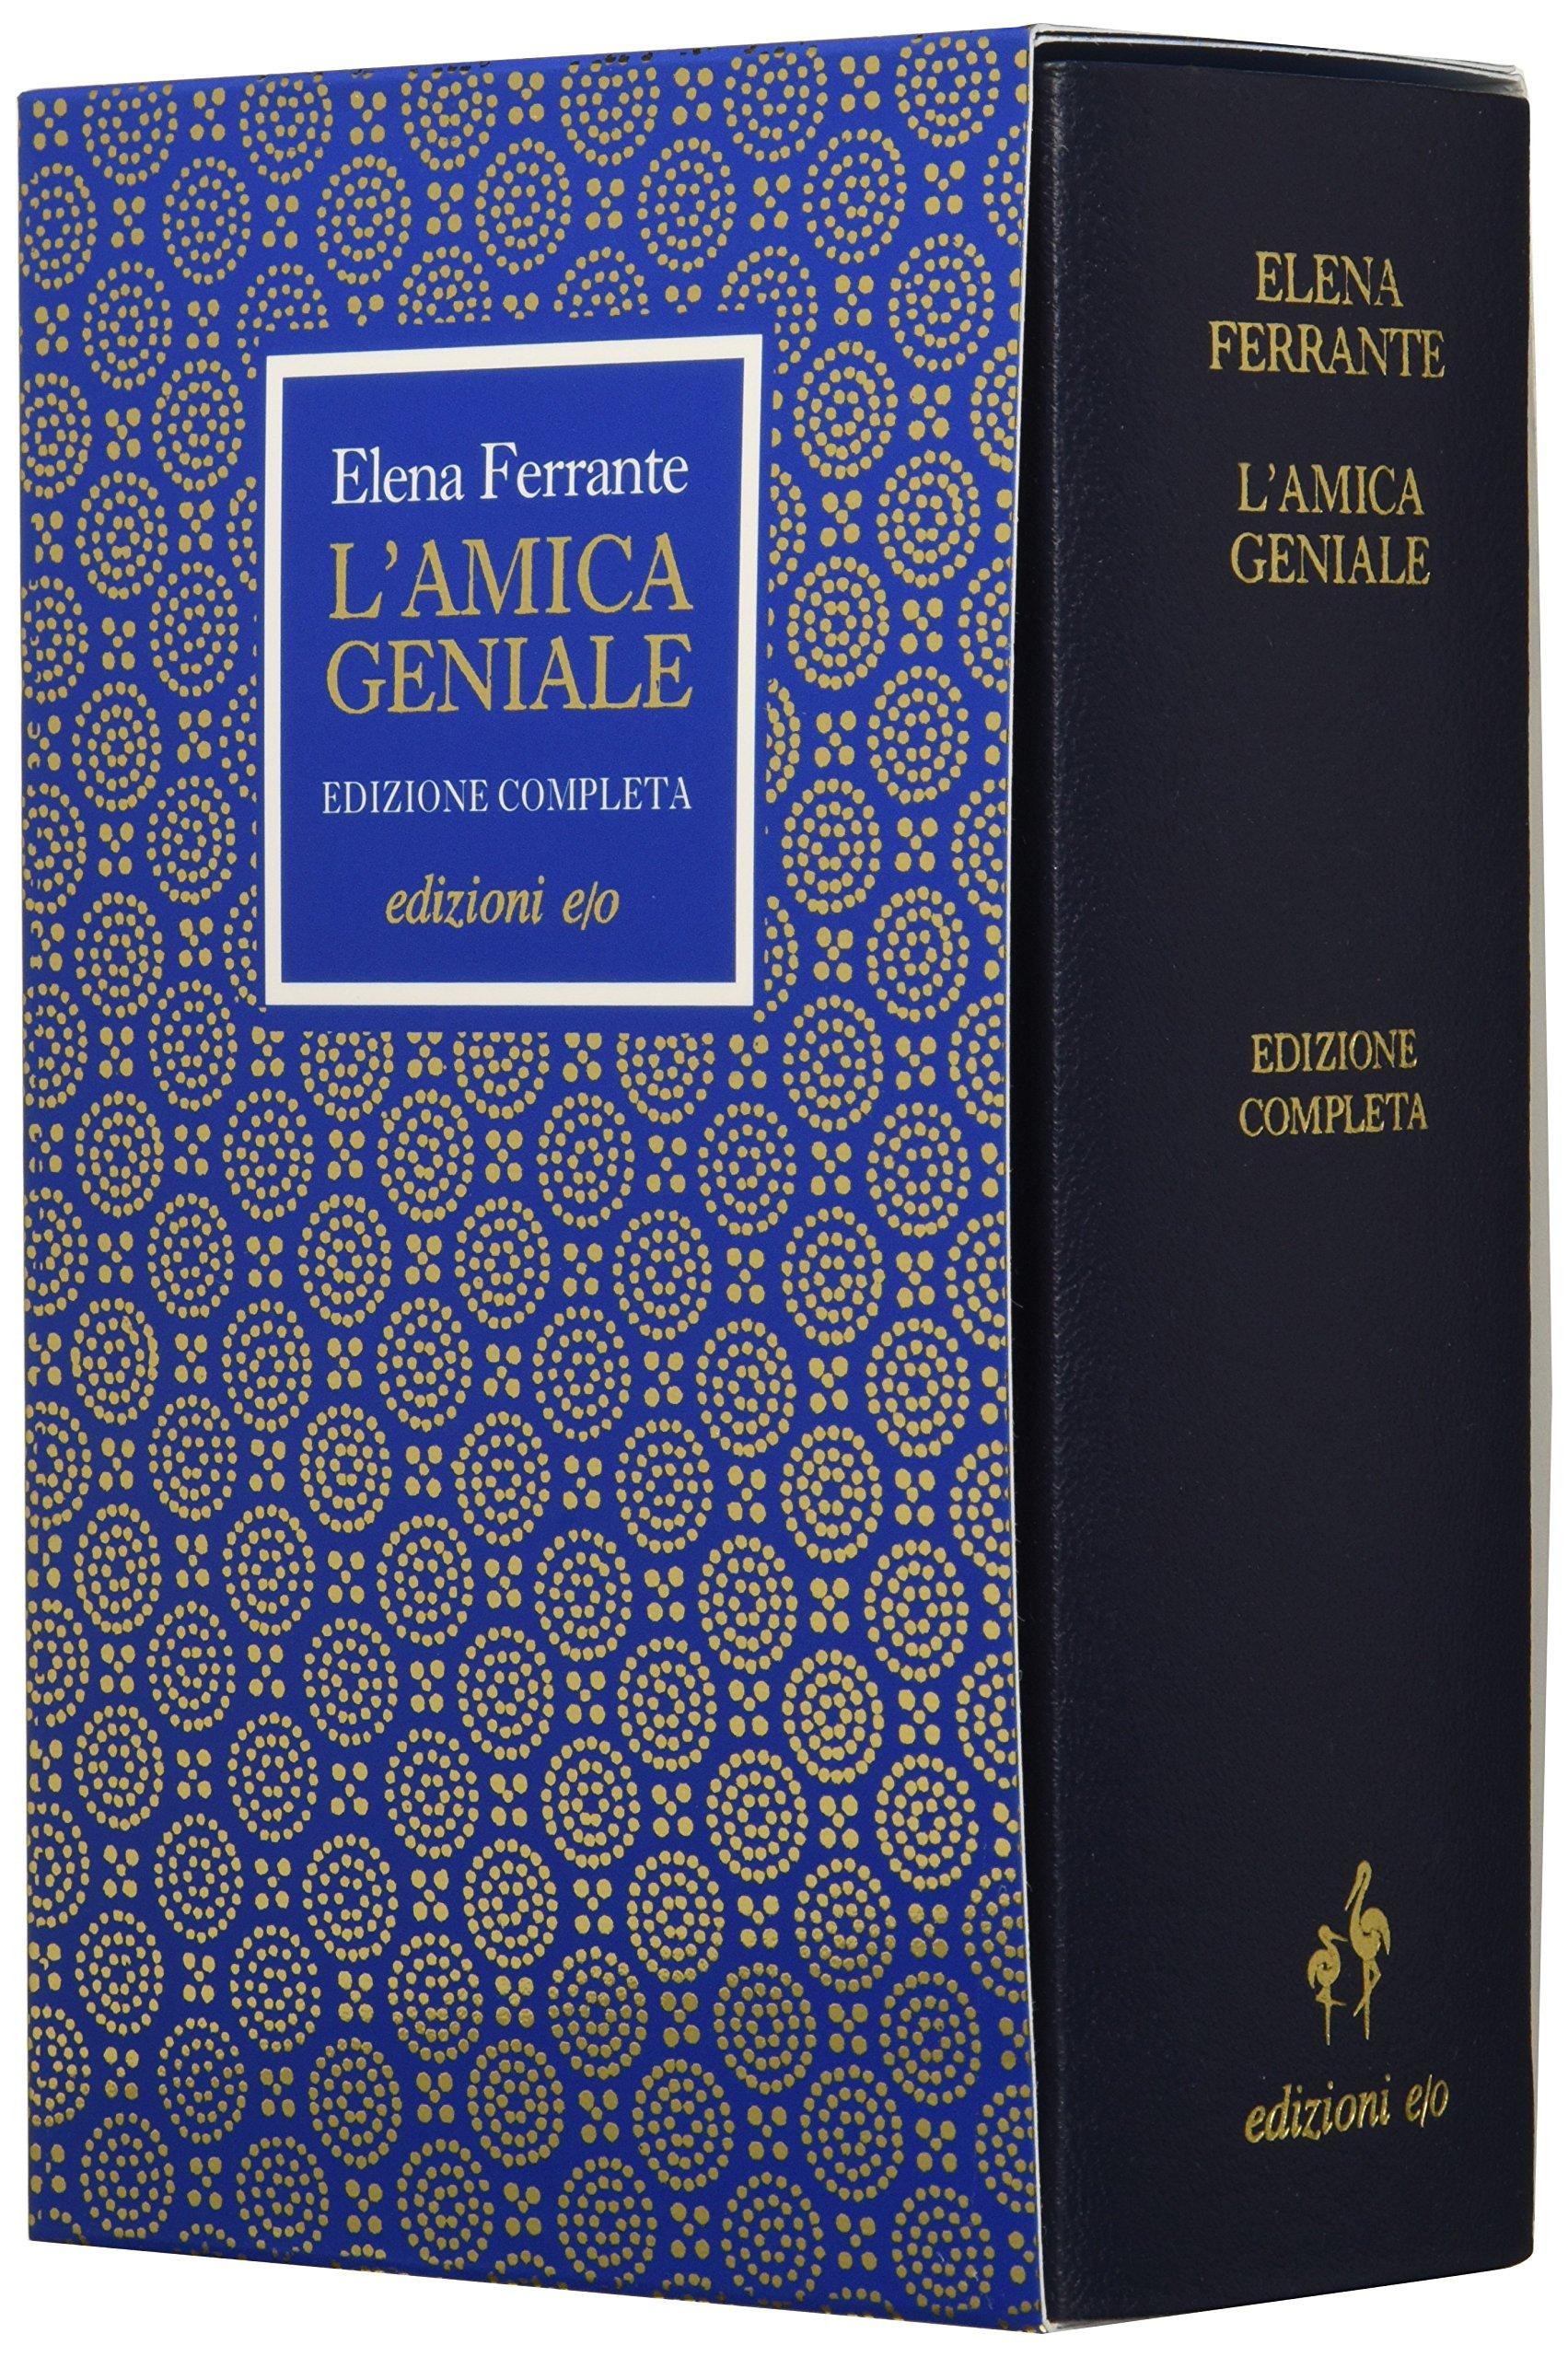 L'amica geniale. Edizione completa Rilegato in Pelle – 19 ott 2017 Elena Ferrante E/O 8866328901